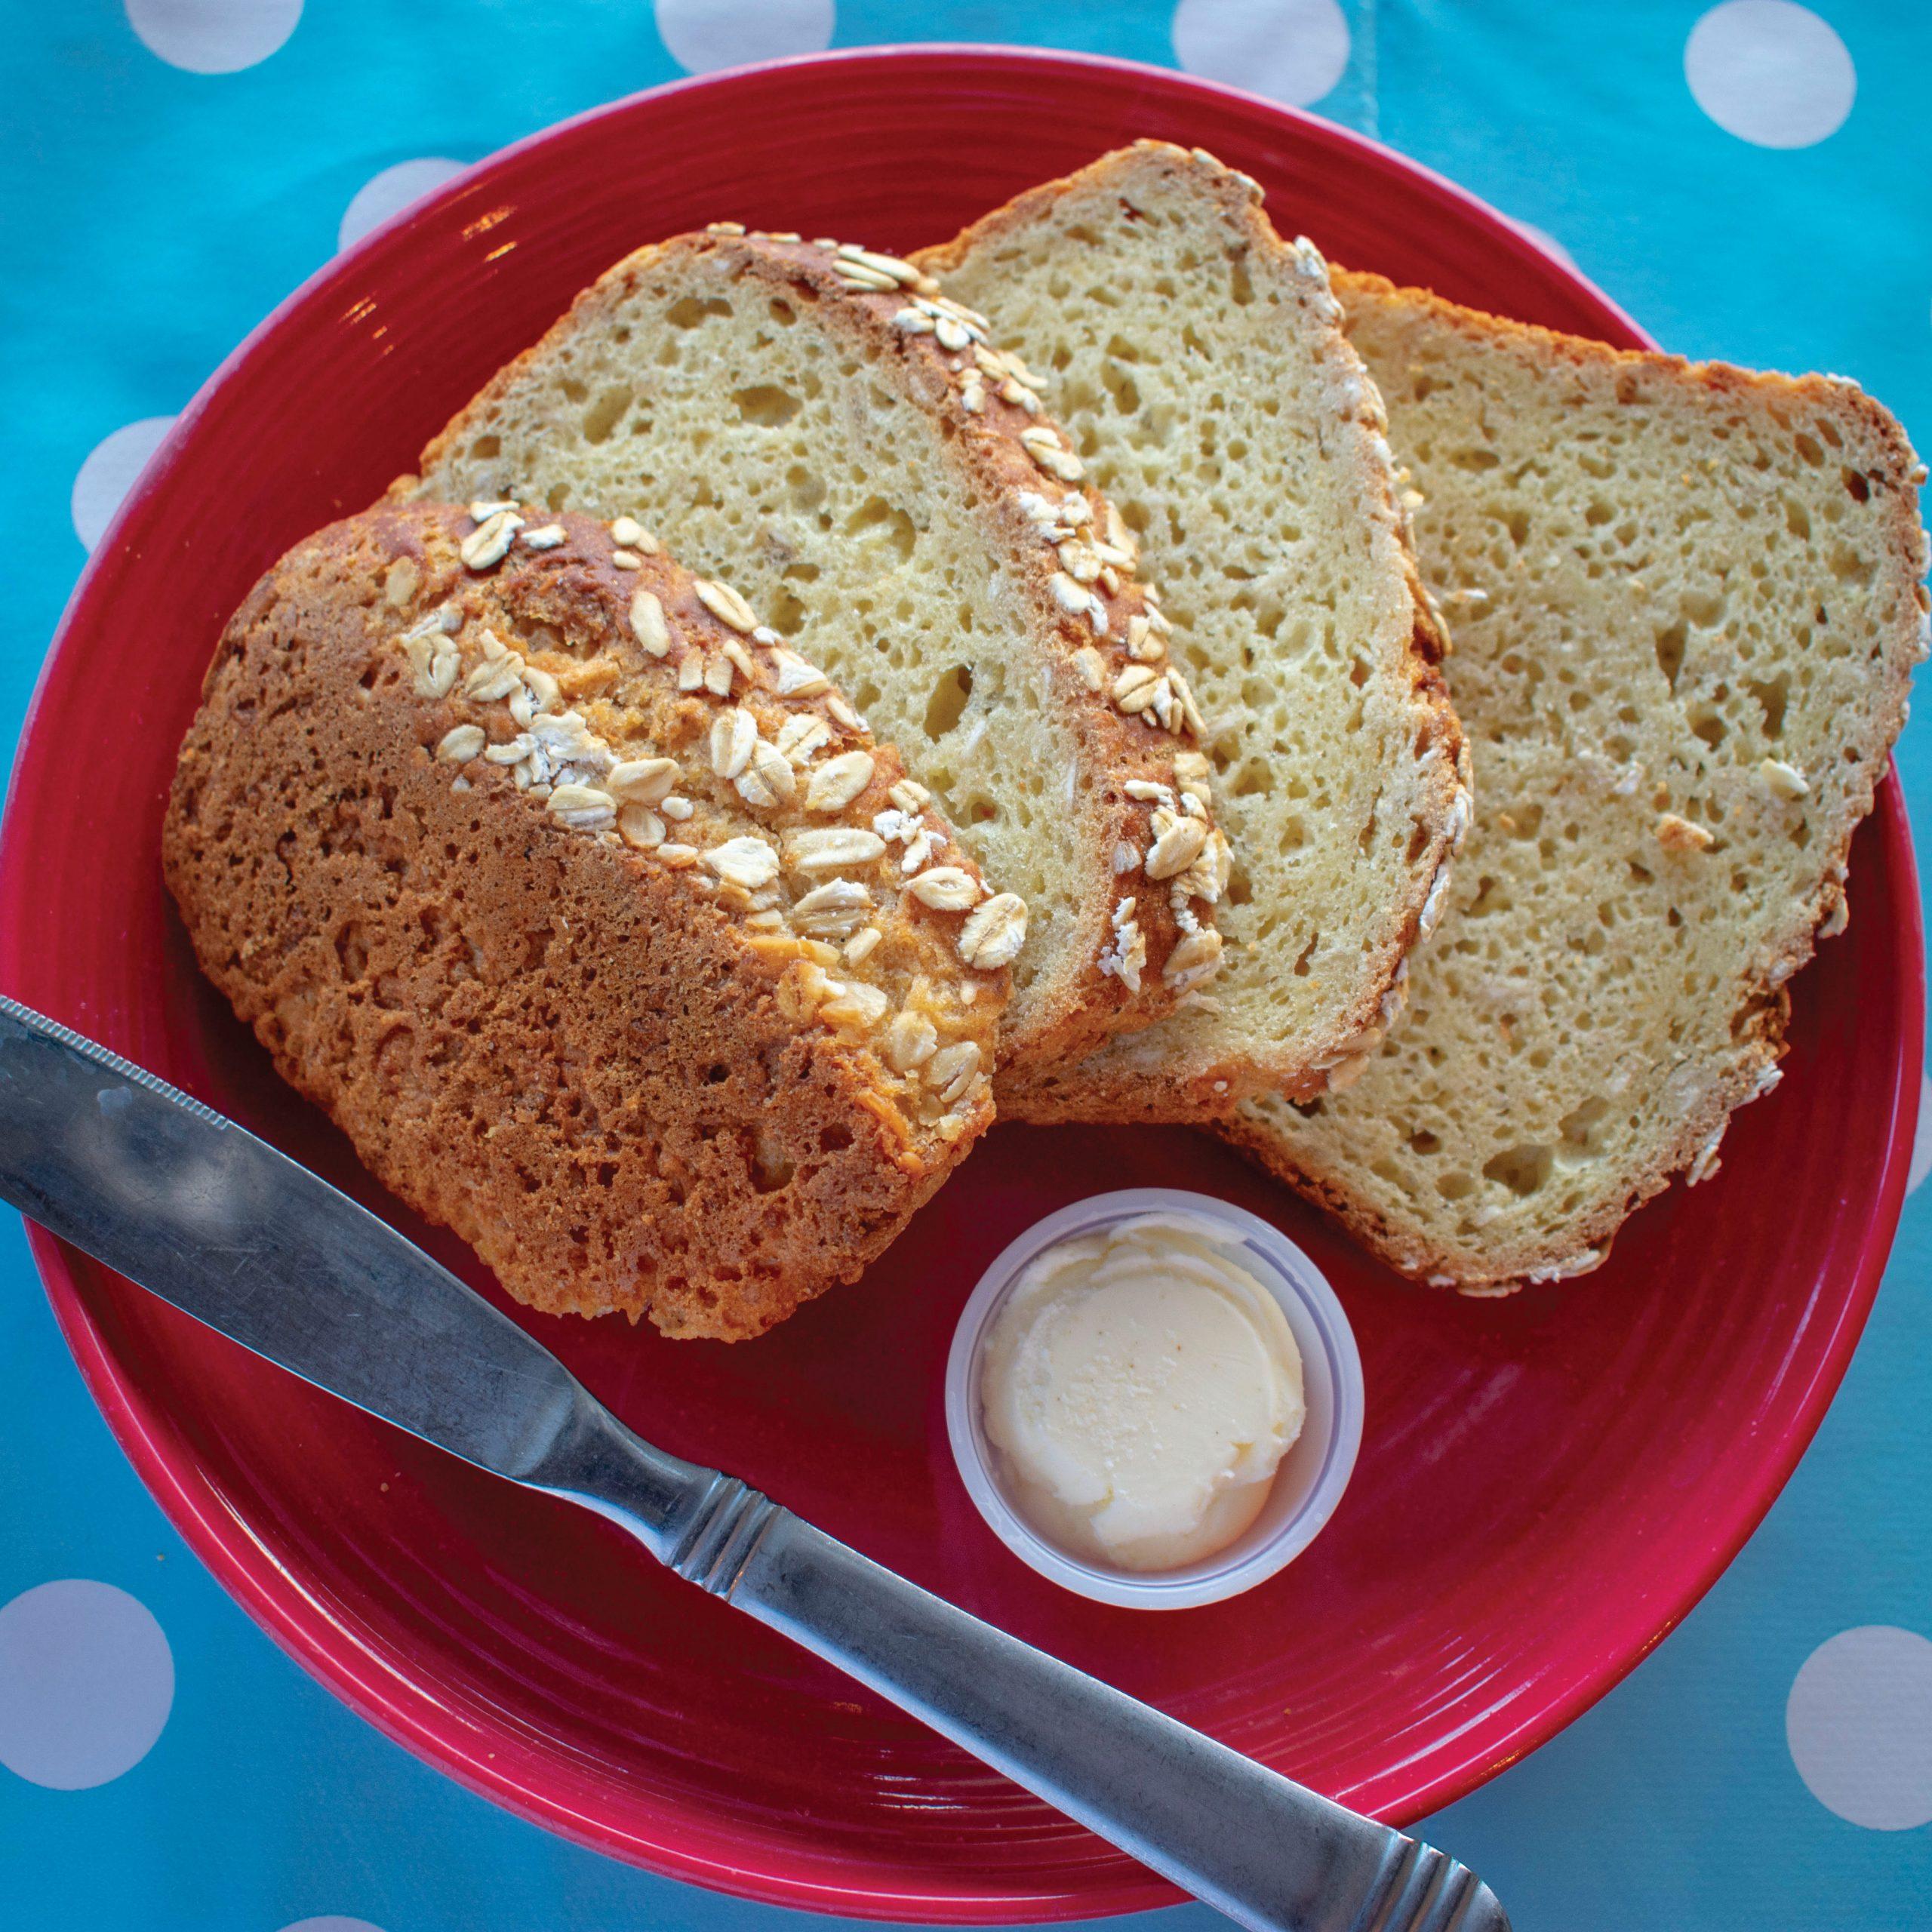 Photo courtesy Gluten-Free Creations Bakery